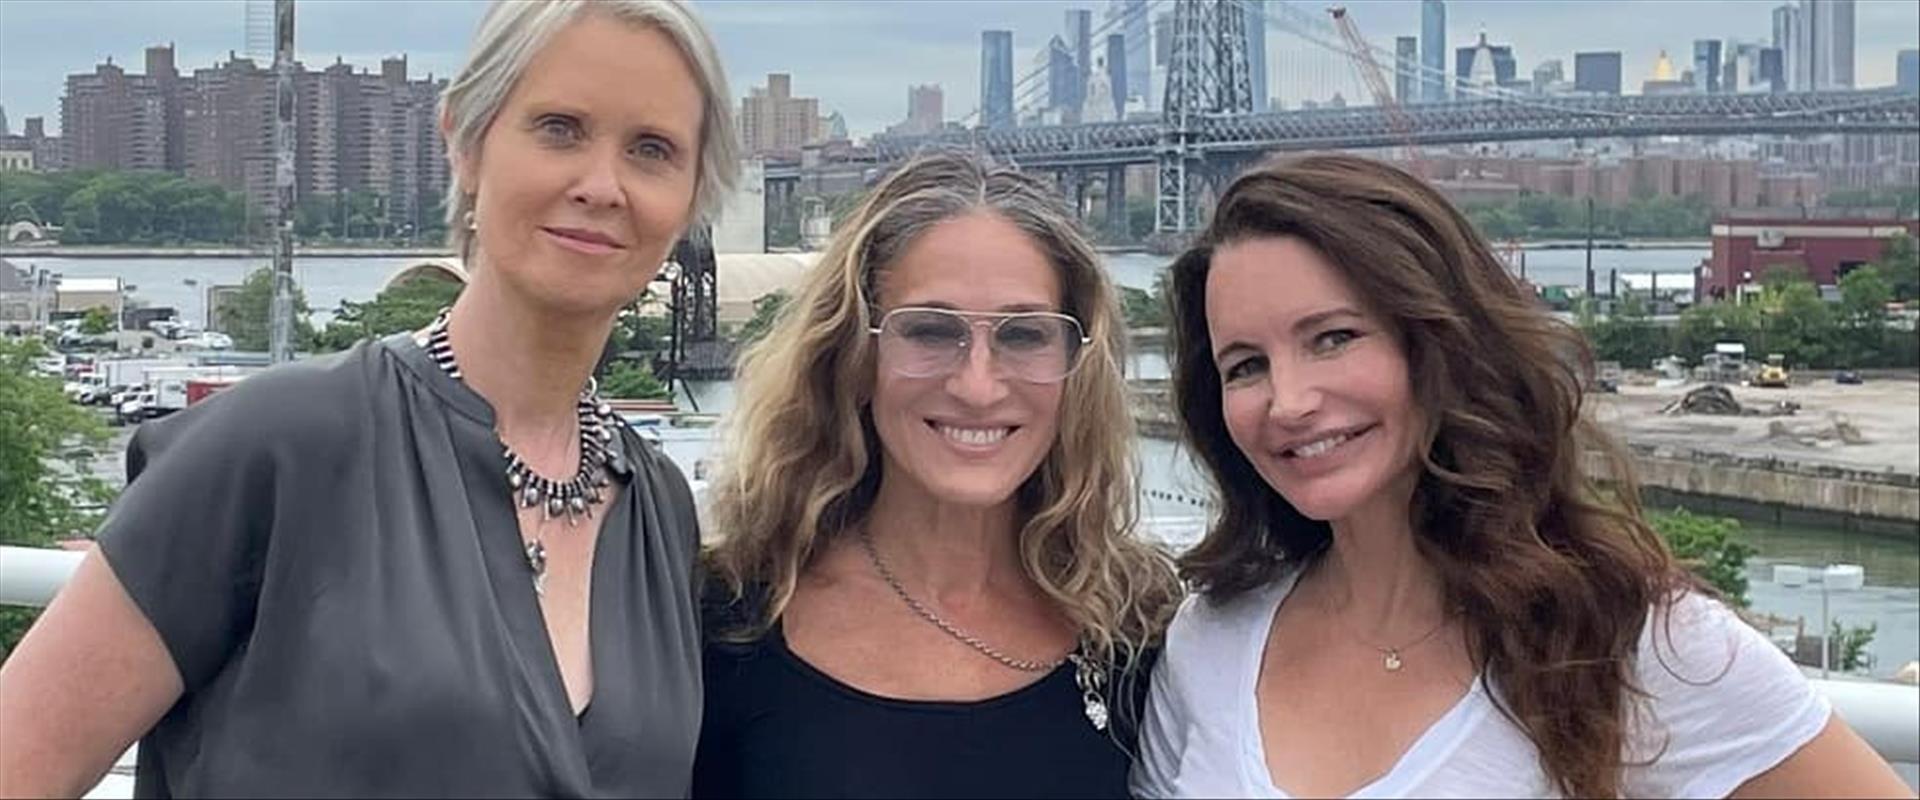 כוכבות הסדרה: קריסטין דיוויס, שרה ג'סיקה פרקר וסינ